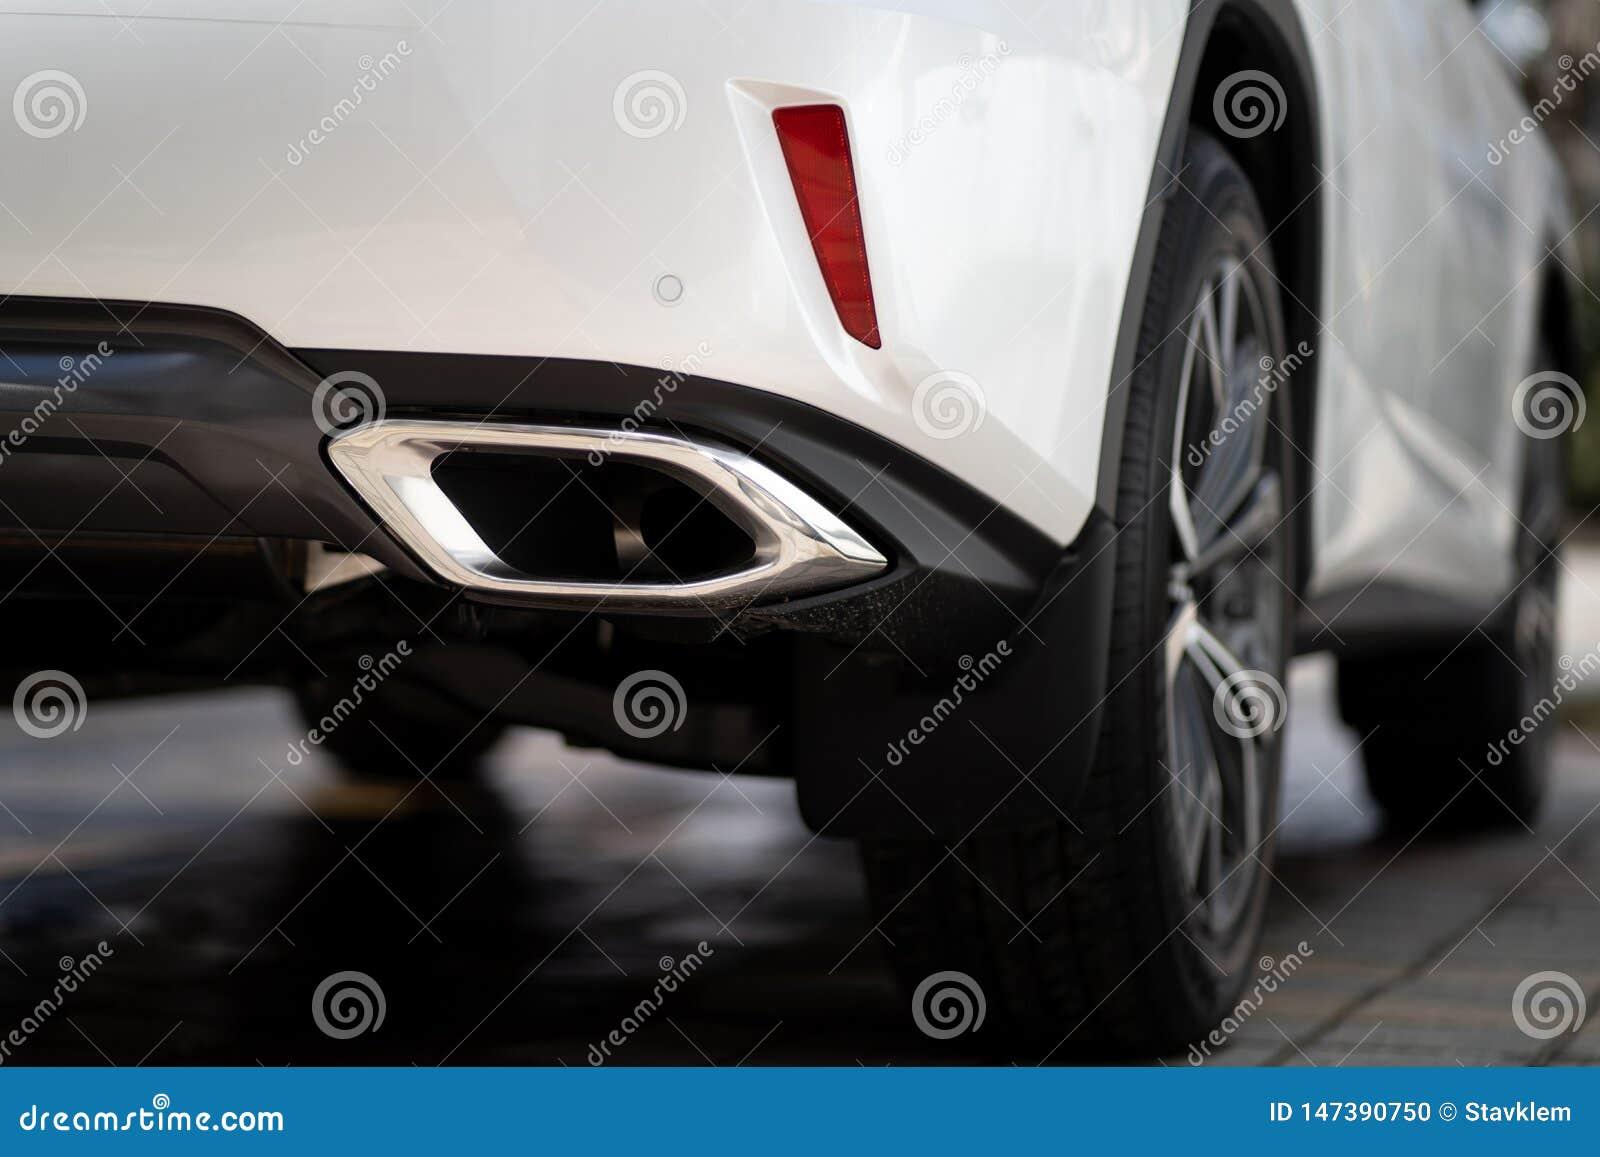 Sluit omhoog foto van de moderne zuigbuis van het ontwerpgeluiddempers van de luxesportwagen suv elegante